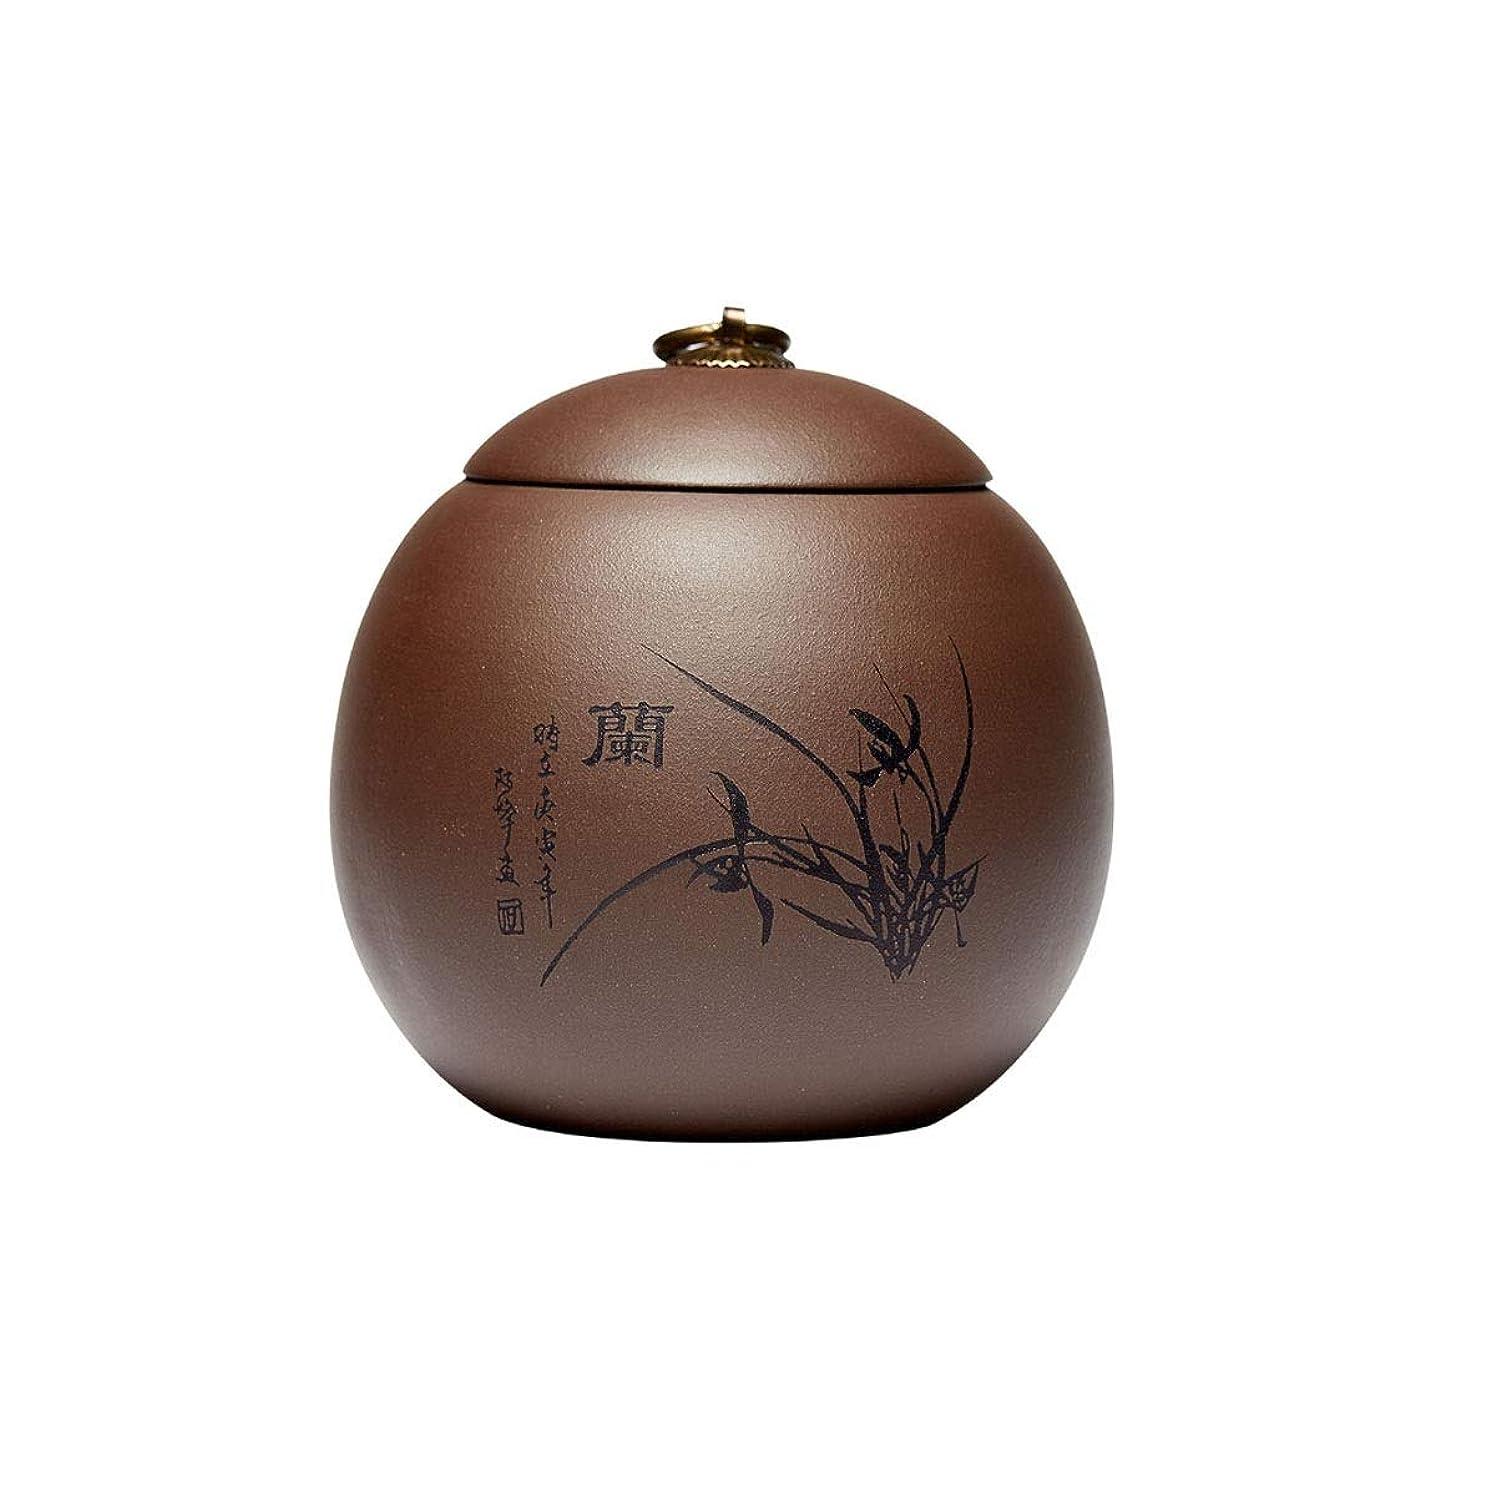 信条独占選出するXIAN 磁器の密封された缶、収納用の缶、ギフト用の箱、クリエイティブな小箱、セラミックの密封された壷、密封された缶、密封された棺、ペット用の箱、 Find Peace With This Lovely Dog Or Cat Pet Cremation Urn (Color : Duan Mu - Mei (Large))